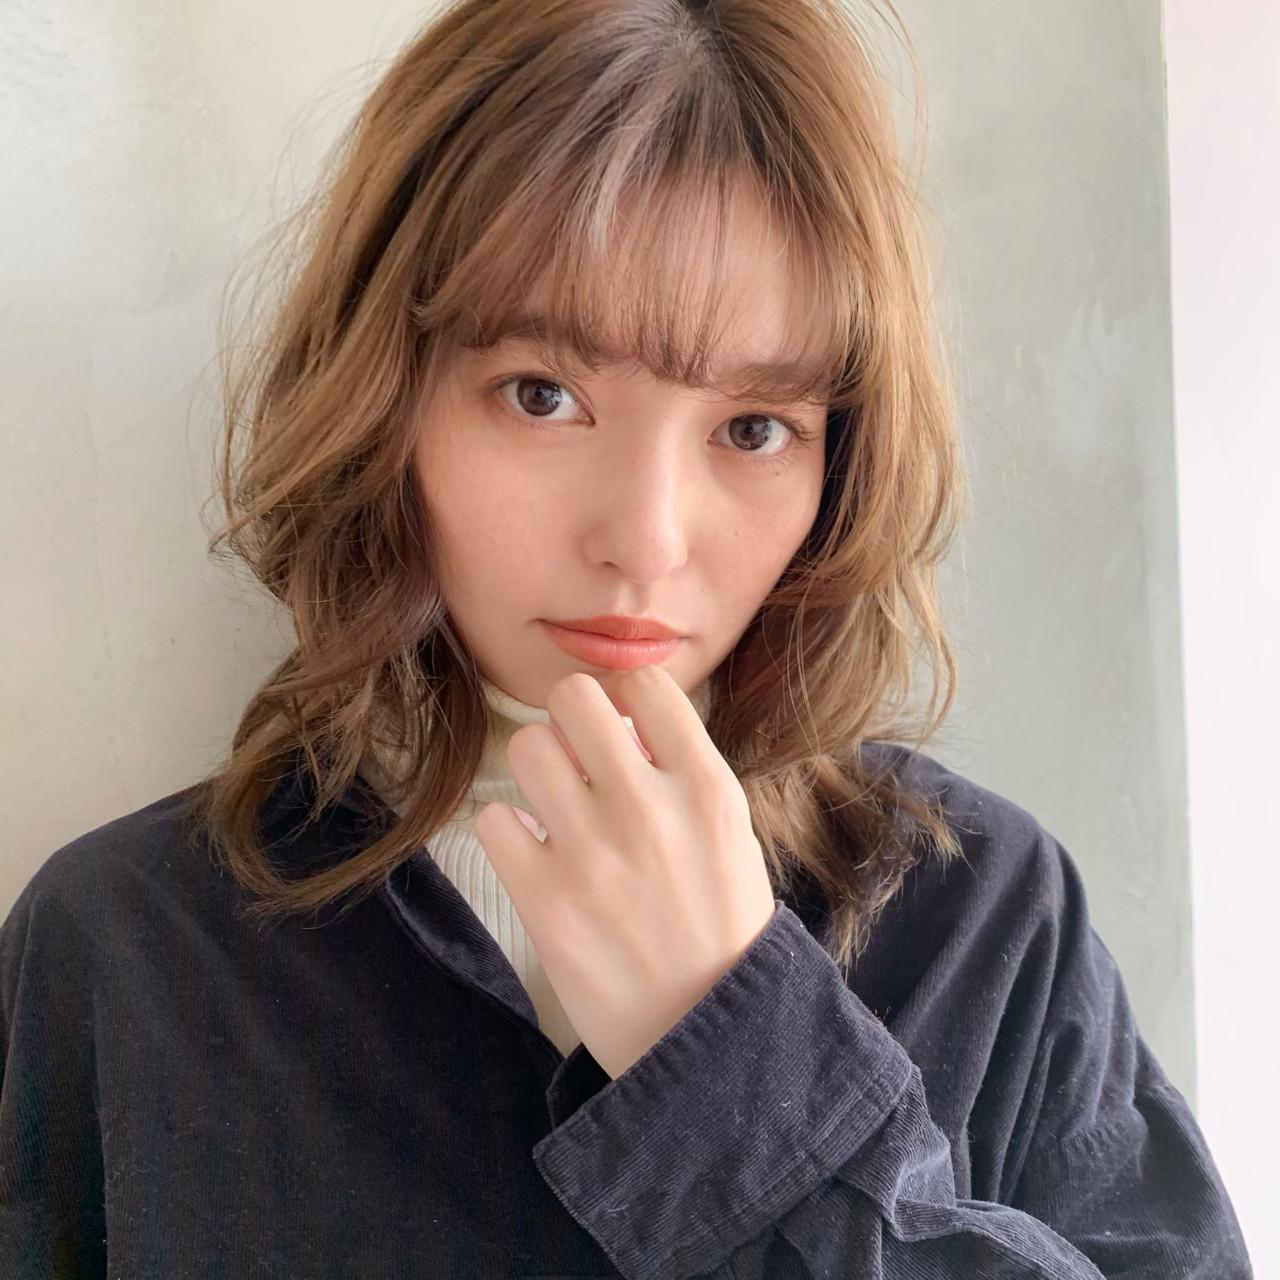 ゆるふわ イルミナカラー ミディアム フェミニン ヘアスタイルや髪型の写真・画像